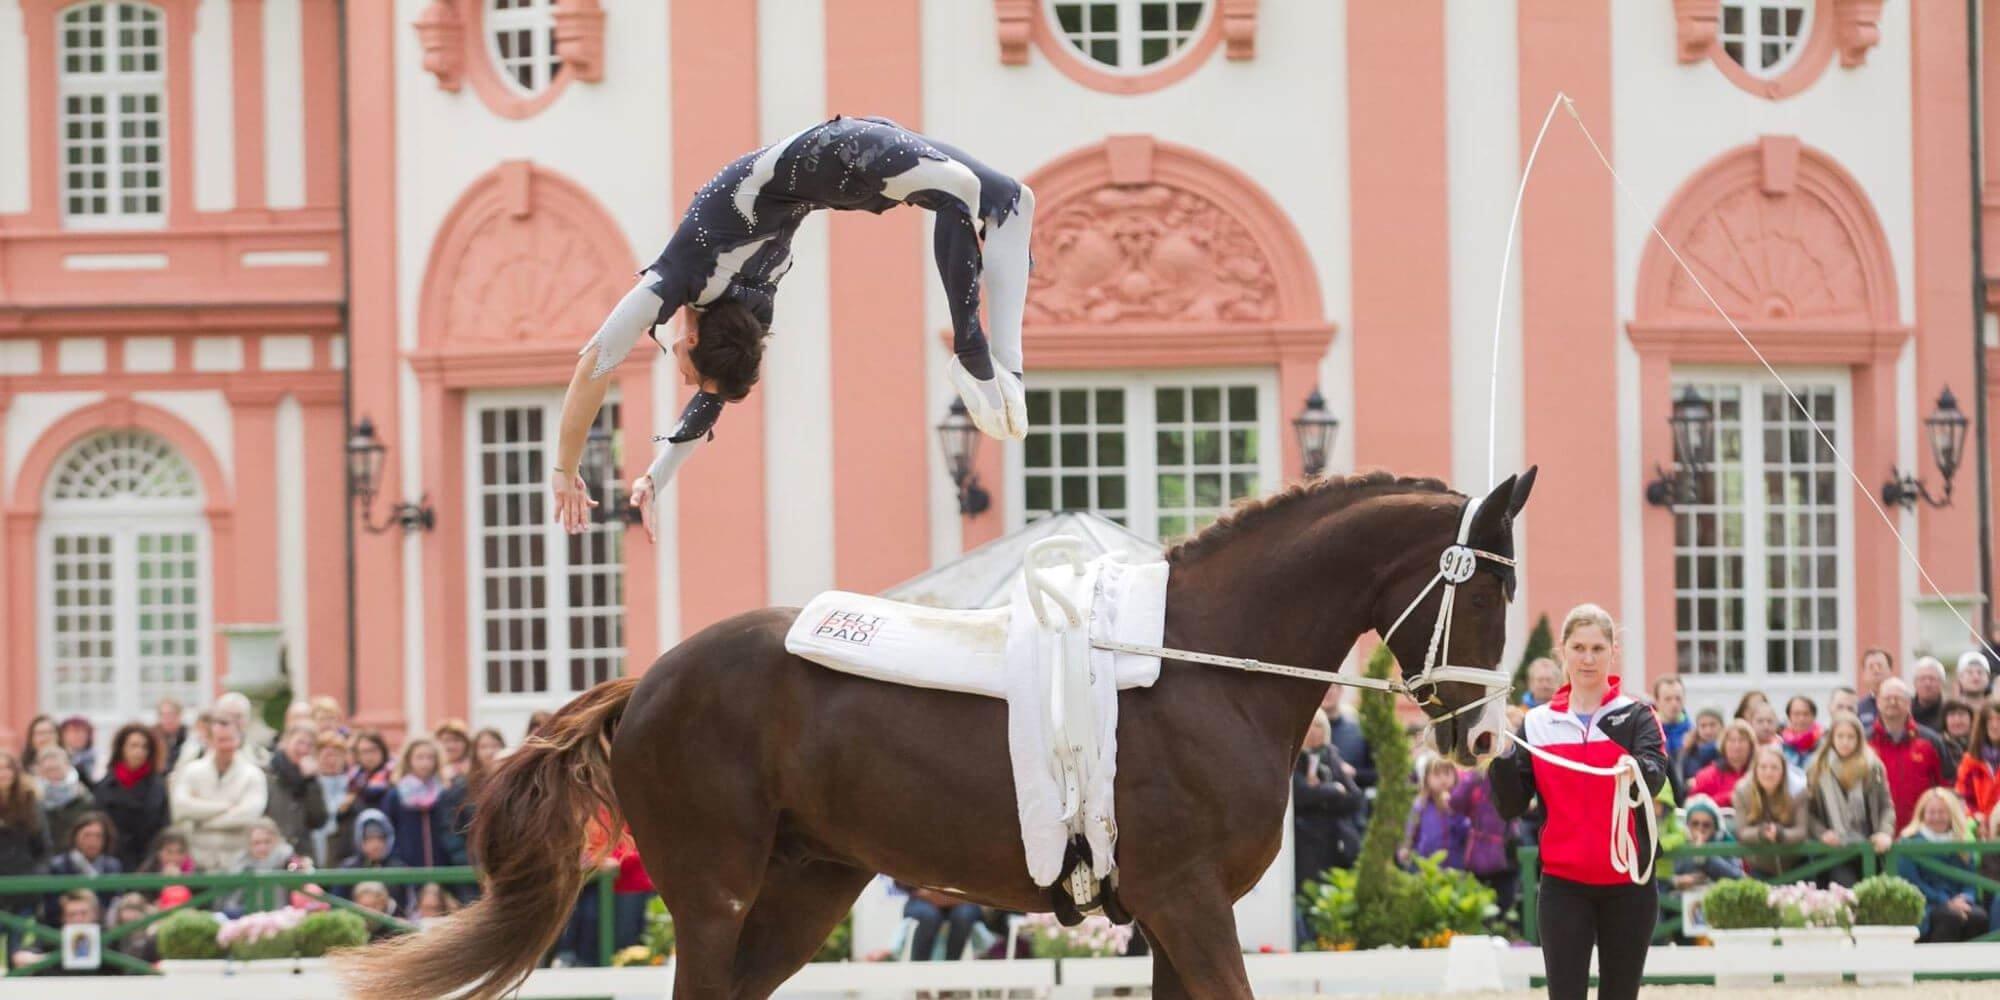 Voltigieren: Turnen auf dem Pferd